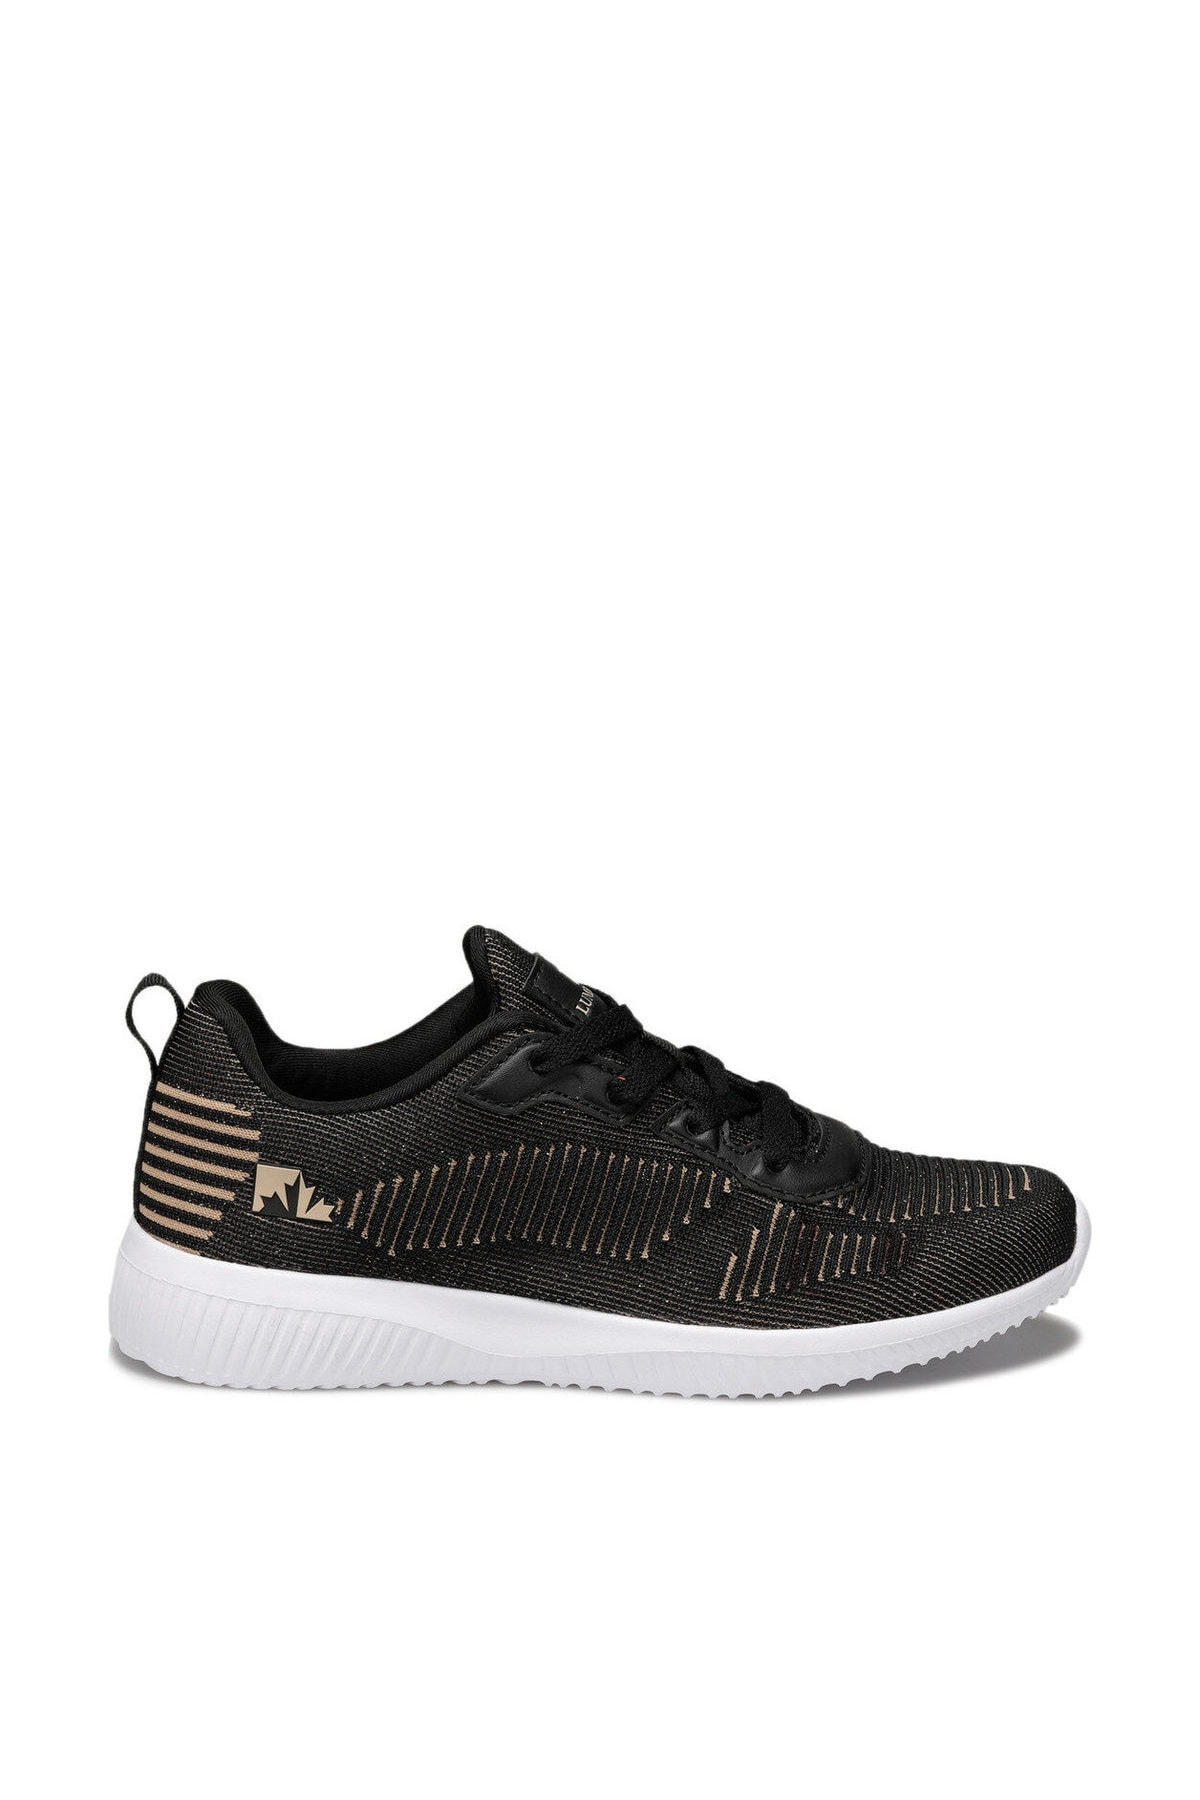 lumberjack CAROLINE Siyah Kadın Comfort Ayakkabı 100497018 2